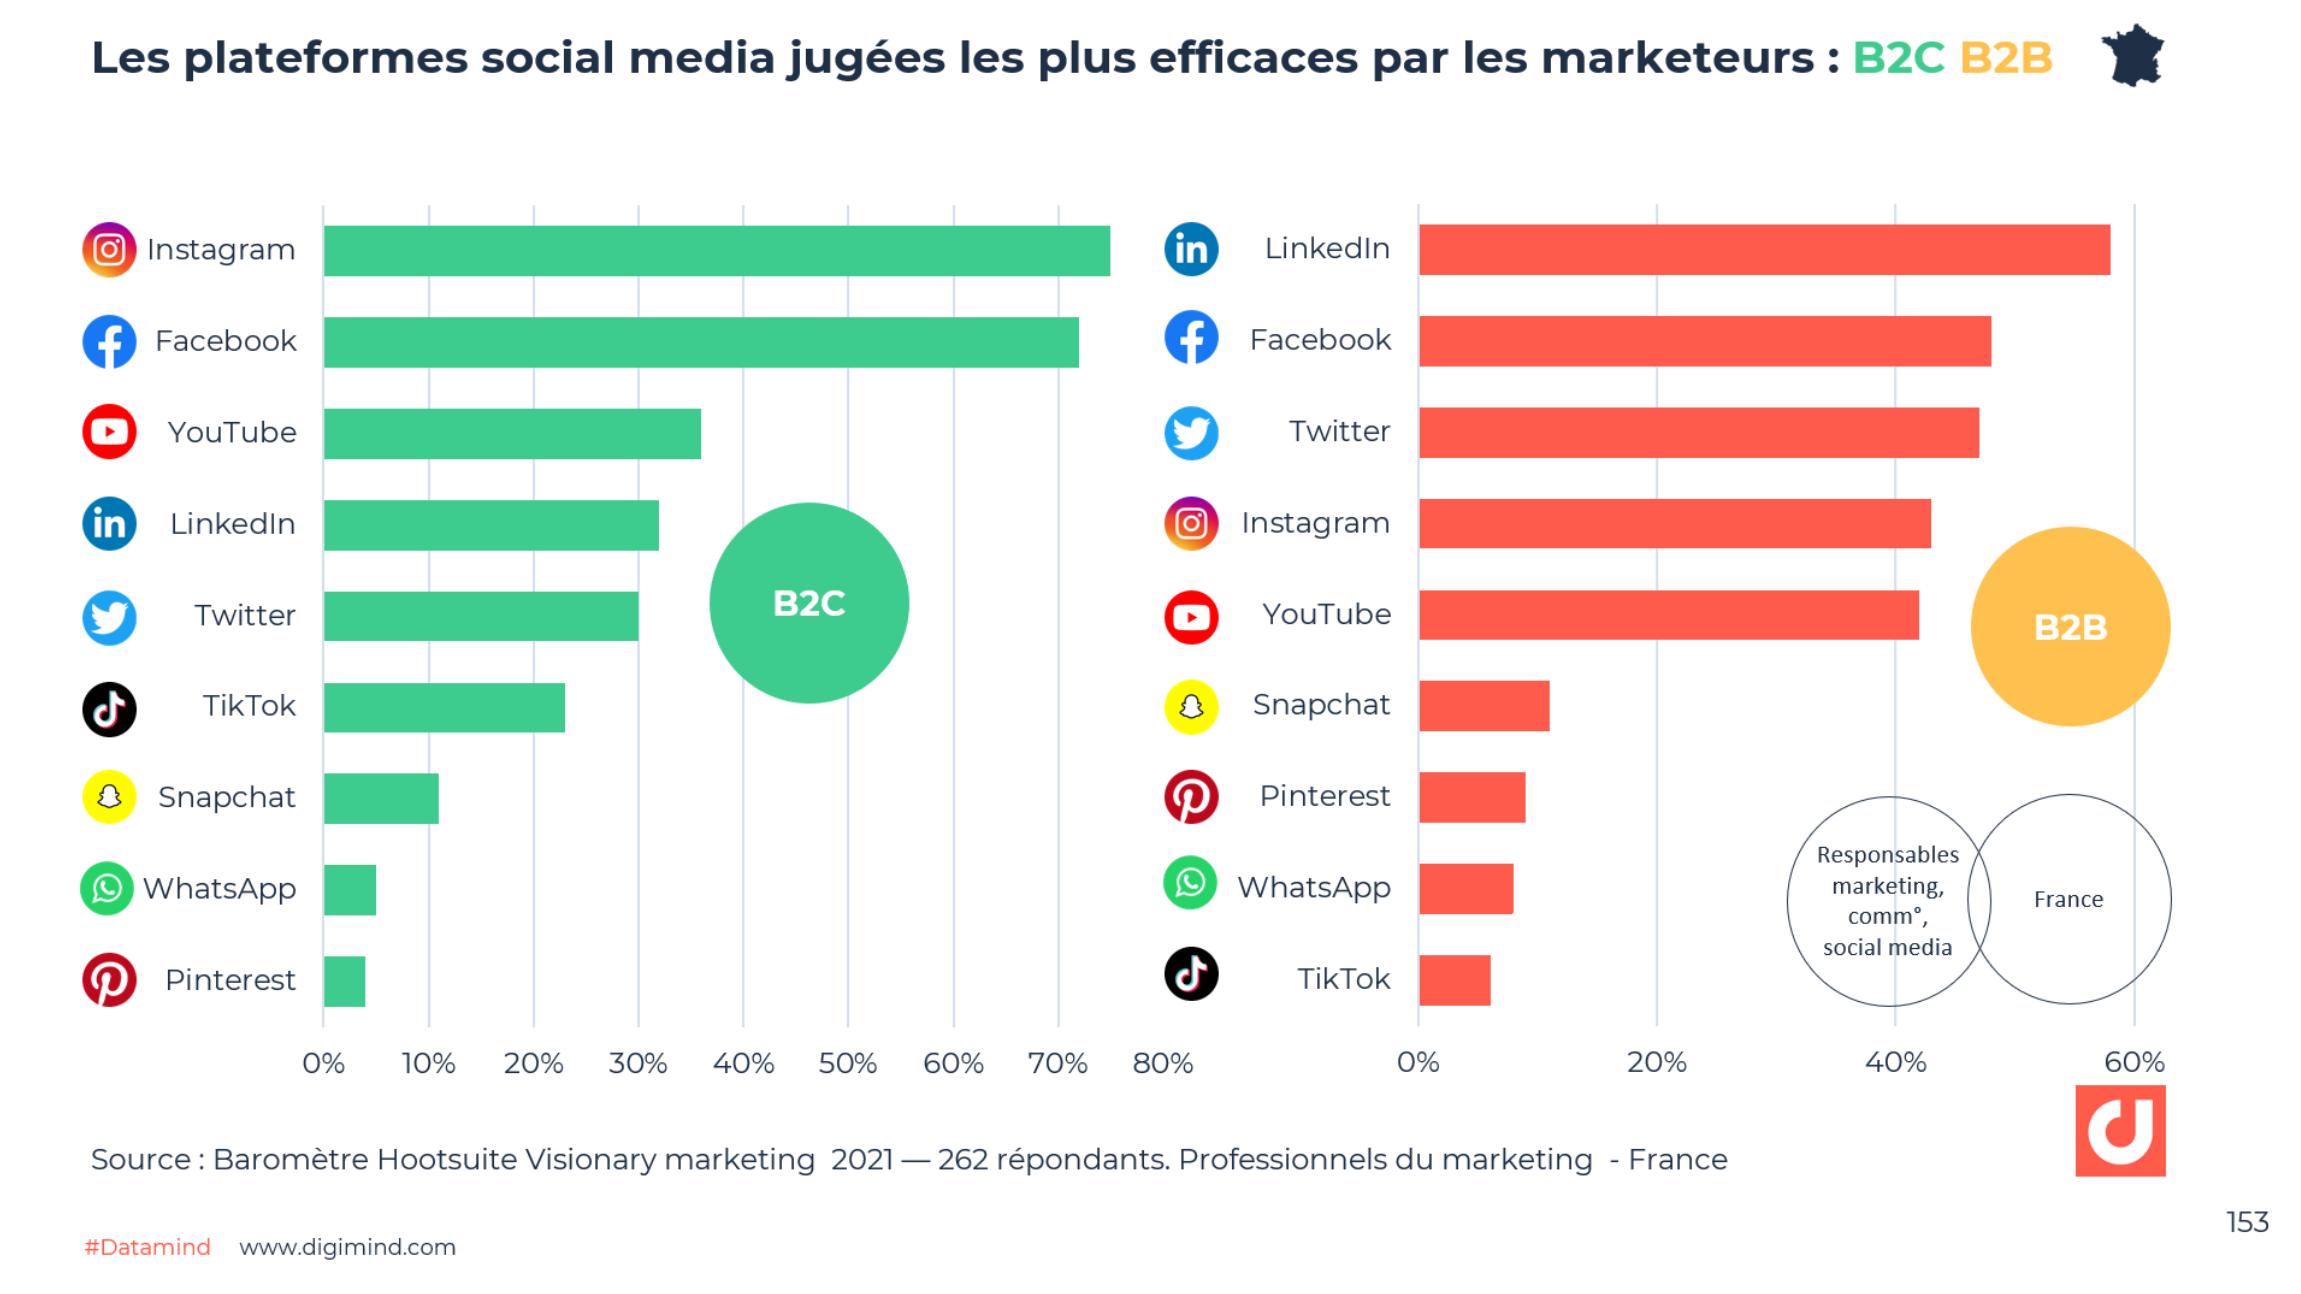 Les plateformes social media jugées les plus efficaces par les marketeurs en France pour atteindre les objectifs business.